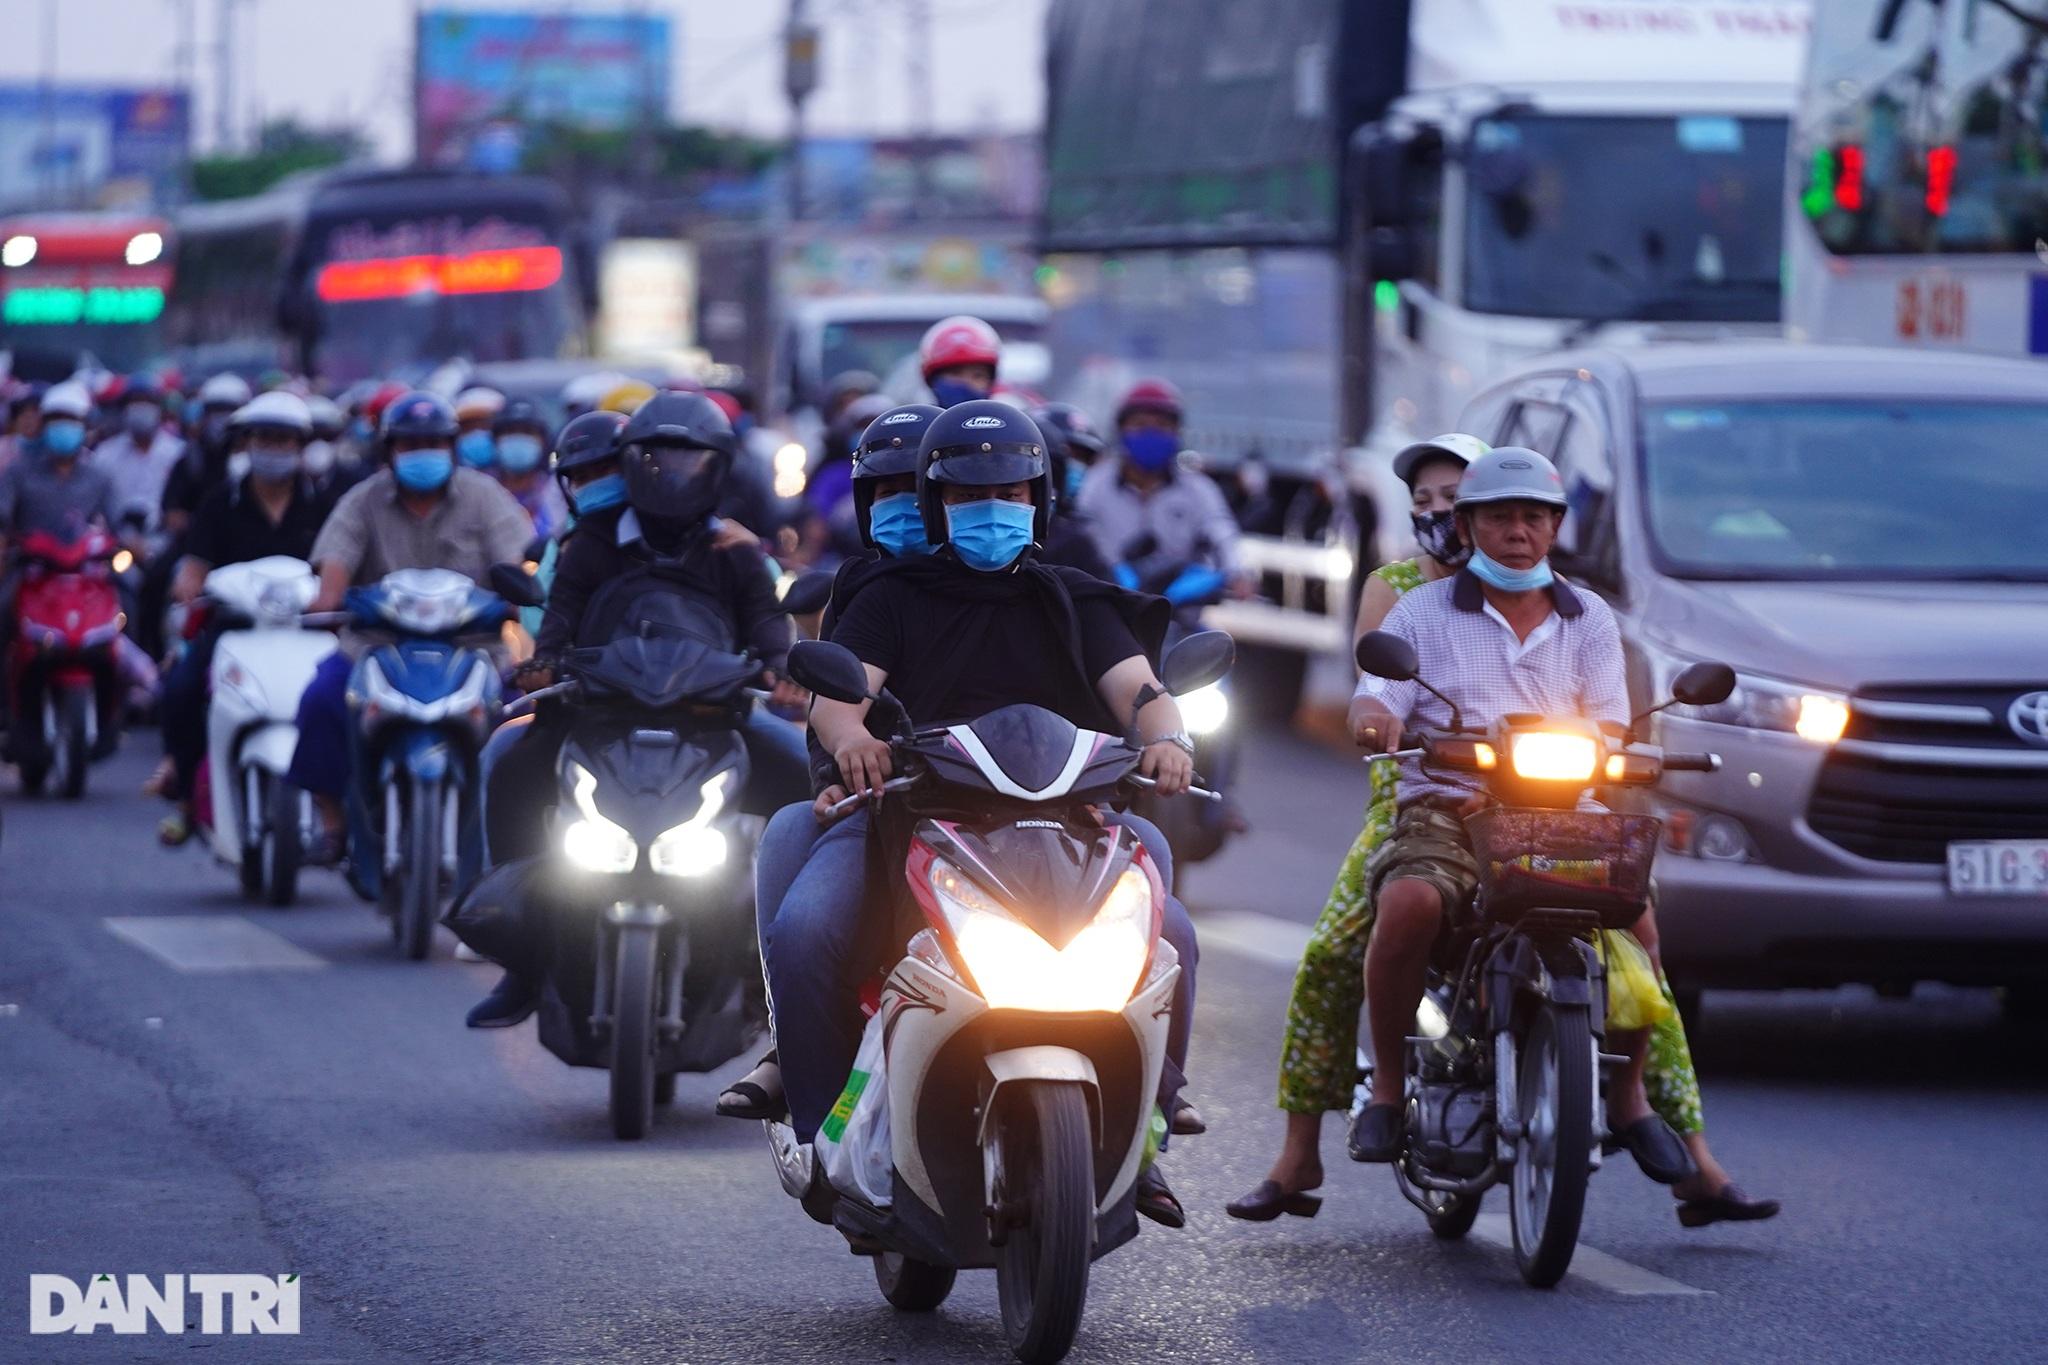 Người dân trở lại Sài Gòn sớm, giao thông cửa ngõ ùn tắc, hỗn loạn - 14